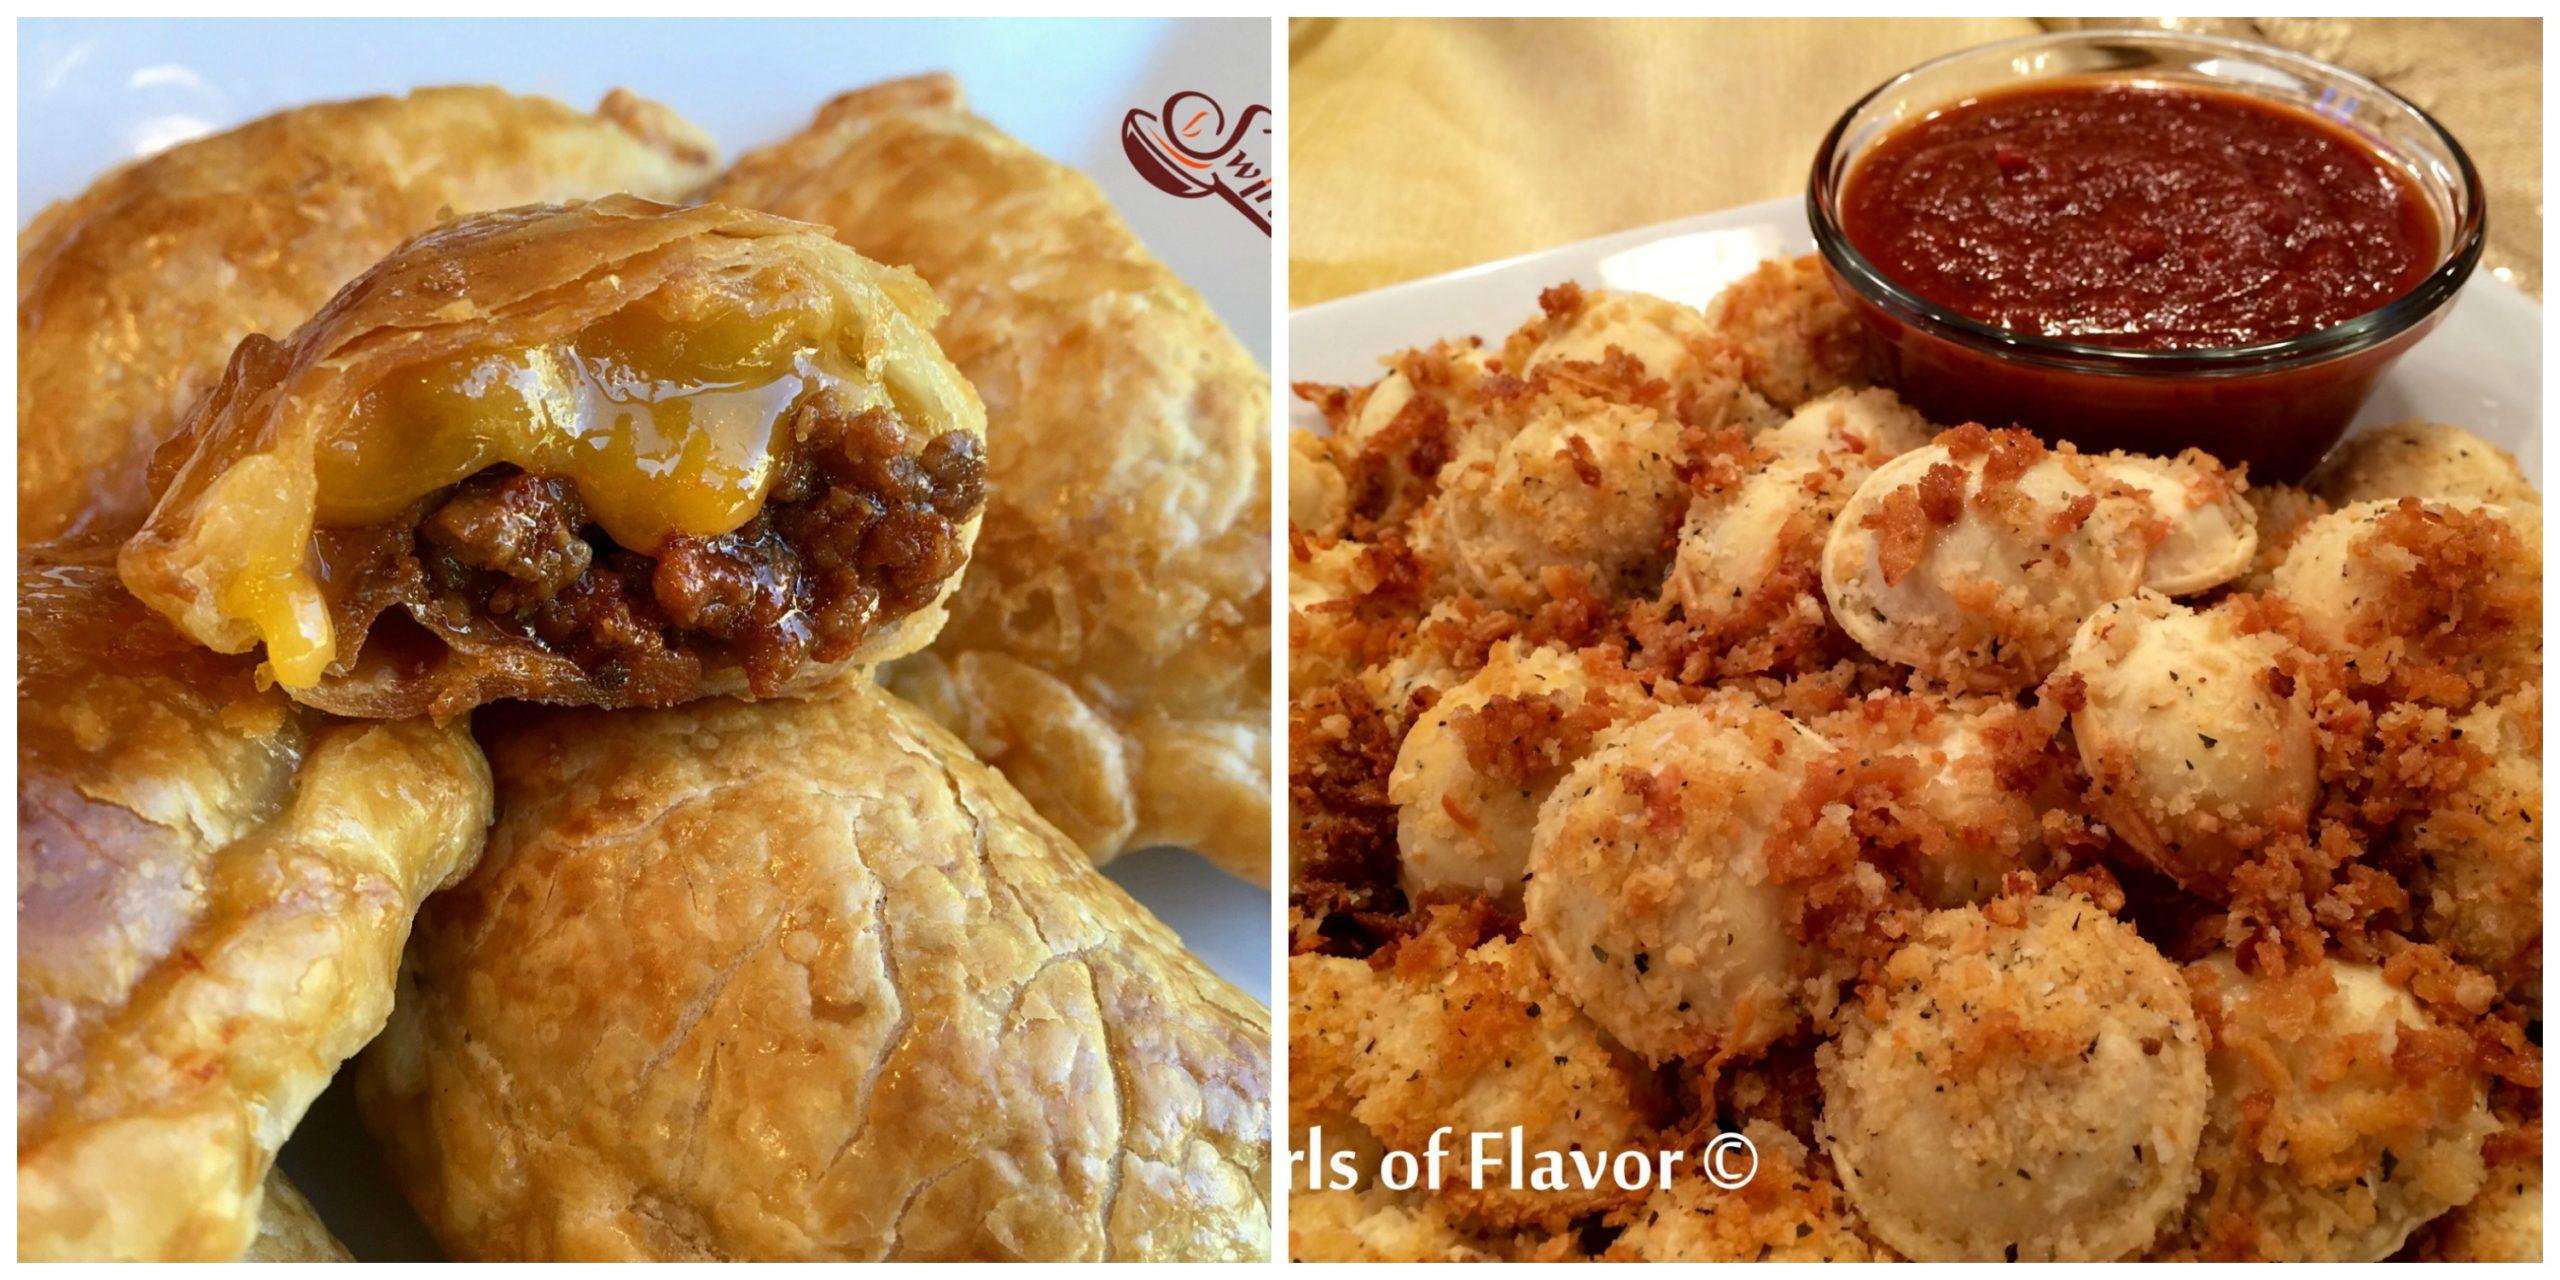 Cheeseburger Empanadas and Baked Ravioli